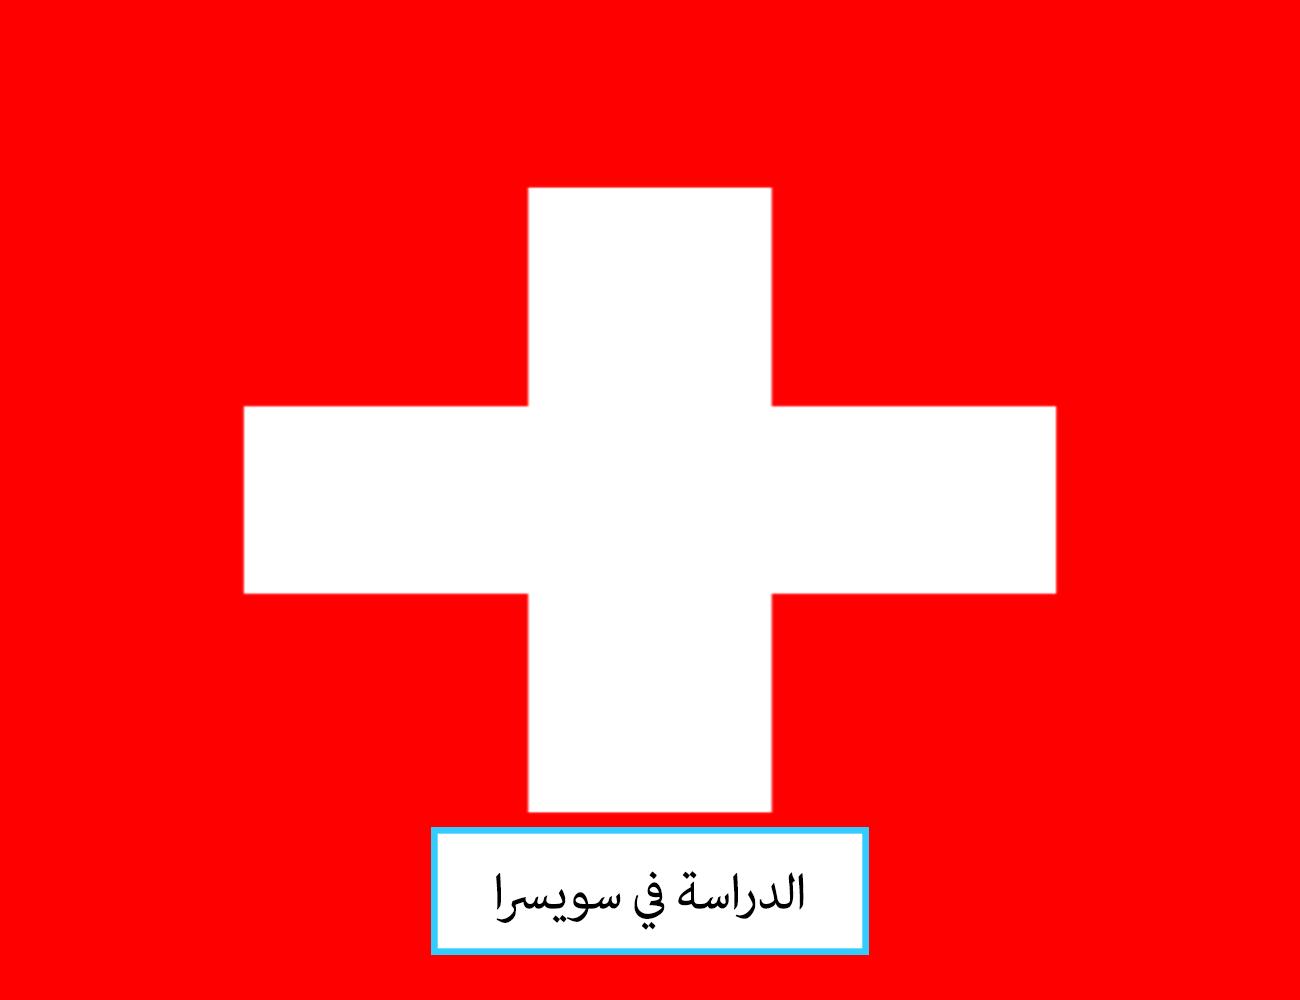 الدراسة في سويسرا للمغاربة ضمان اكتشاف مزيج الثقافة واللغة